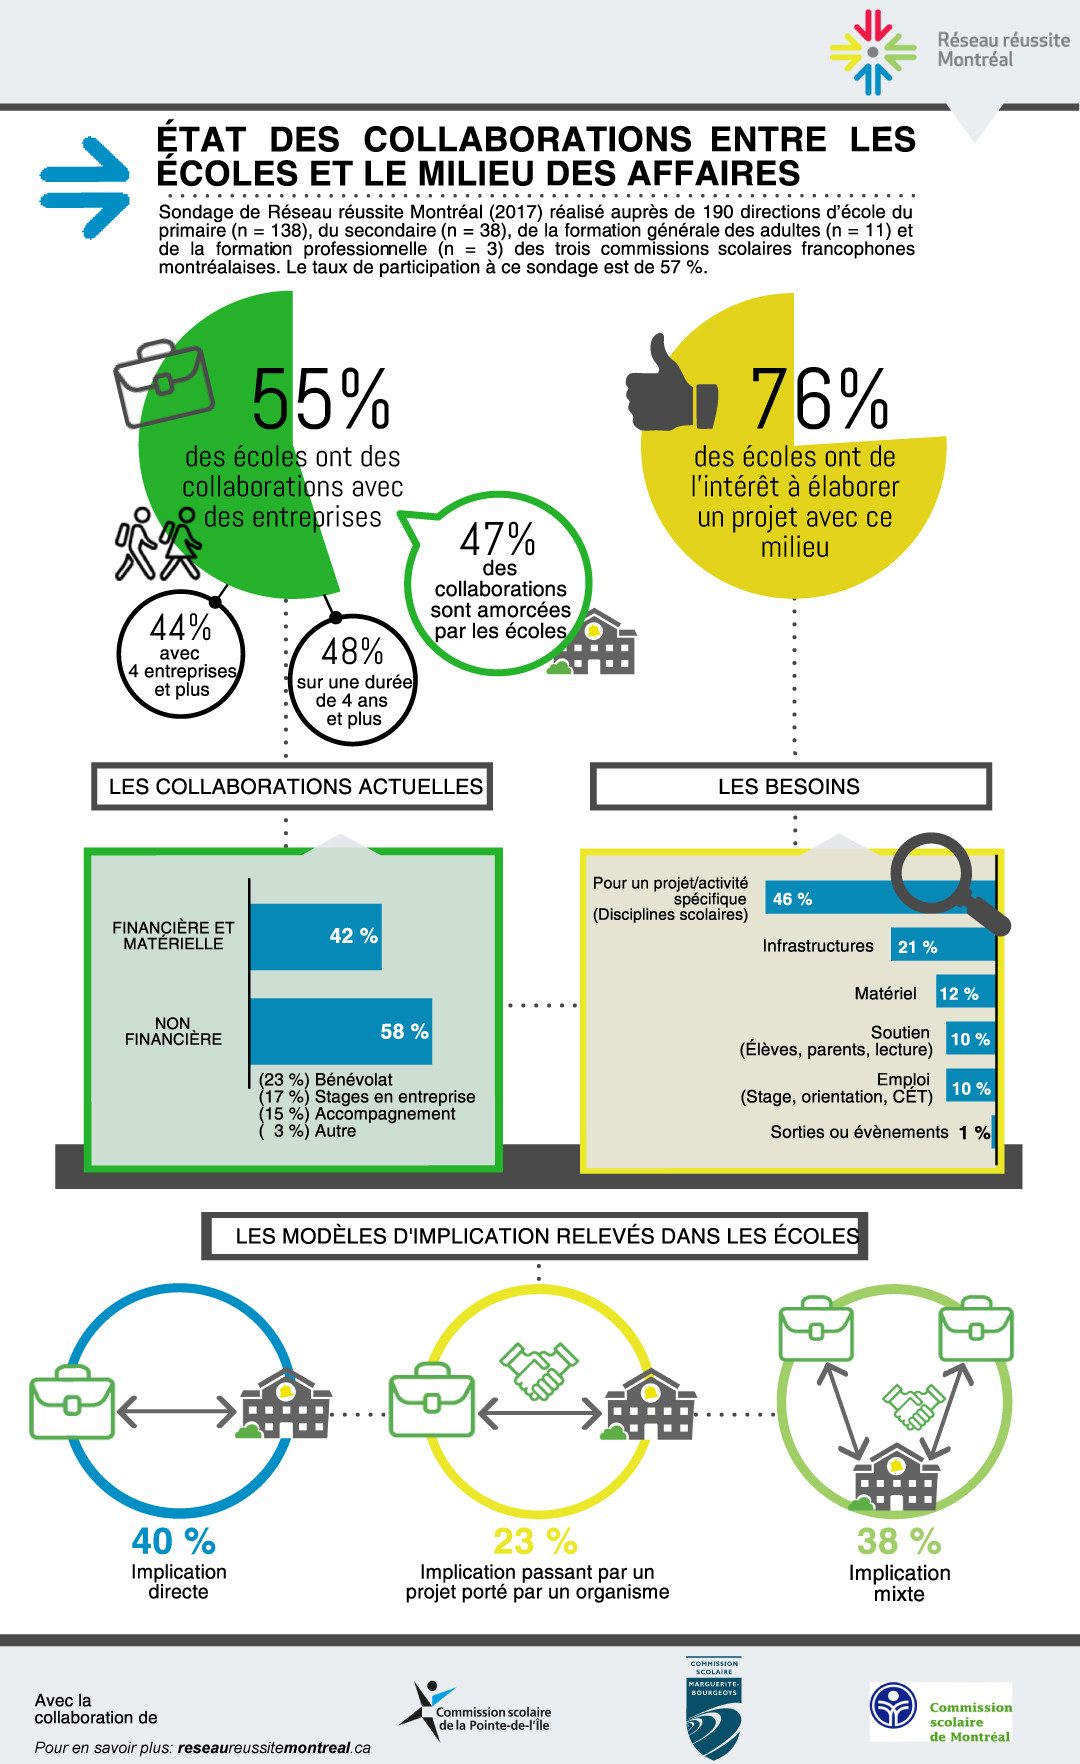 État des collaborations entre les écoles et le milieu des affaires